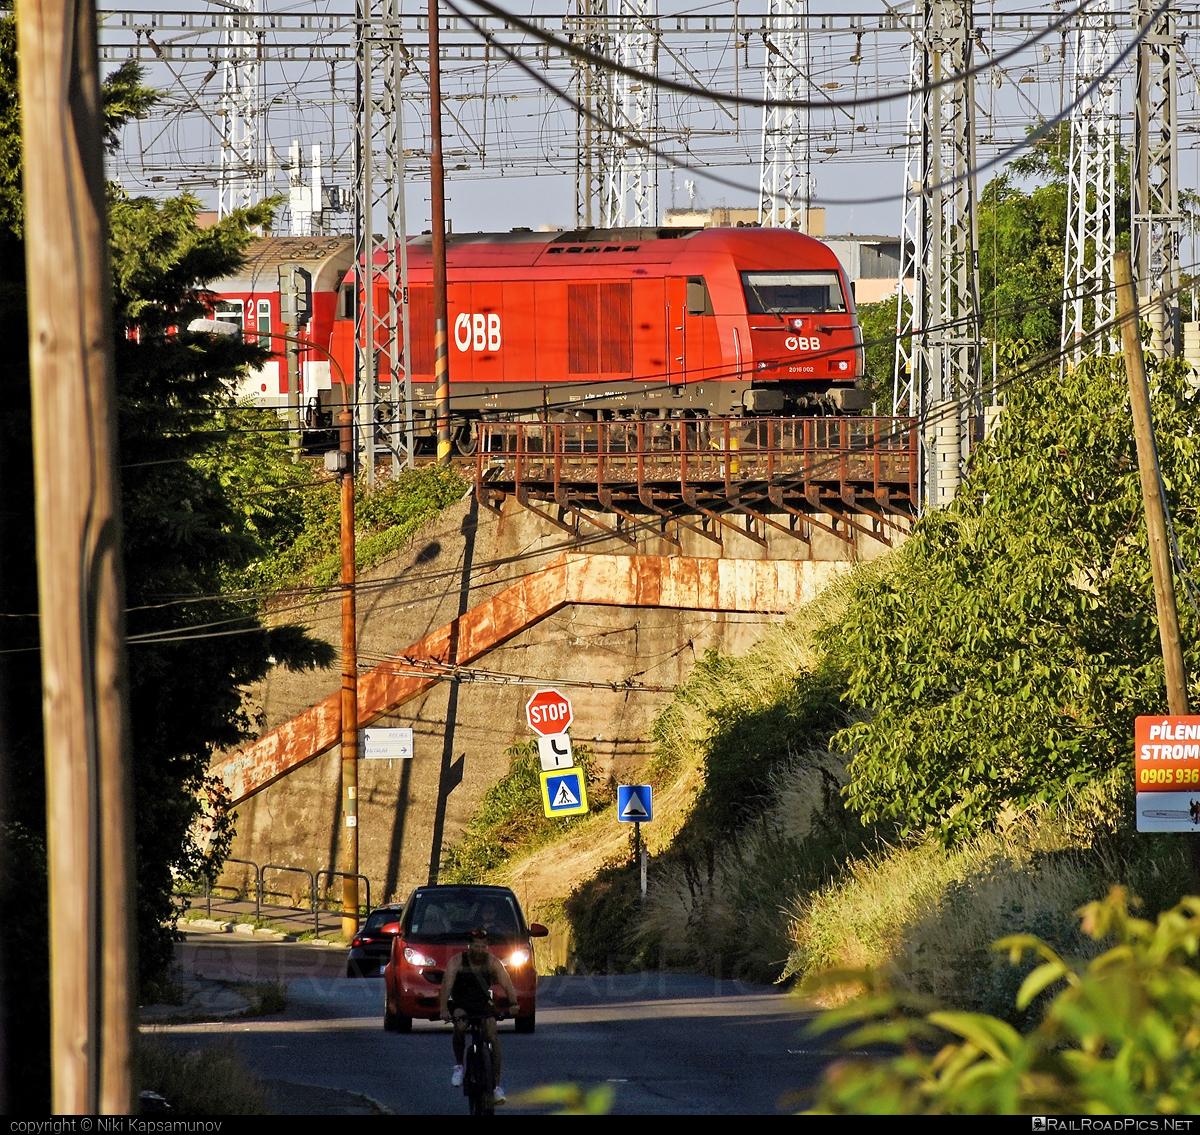 Siemens ER20 - 2016 002 operated by Österreichische Bundesbahnen #cityshuttle #er20 #er20hercules #eurorunner #hercules #obb #osterreichischebundesbahnen #siemens #siemenser20 #siemenser20hercules #siemenseurorunner #siemenshercules